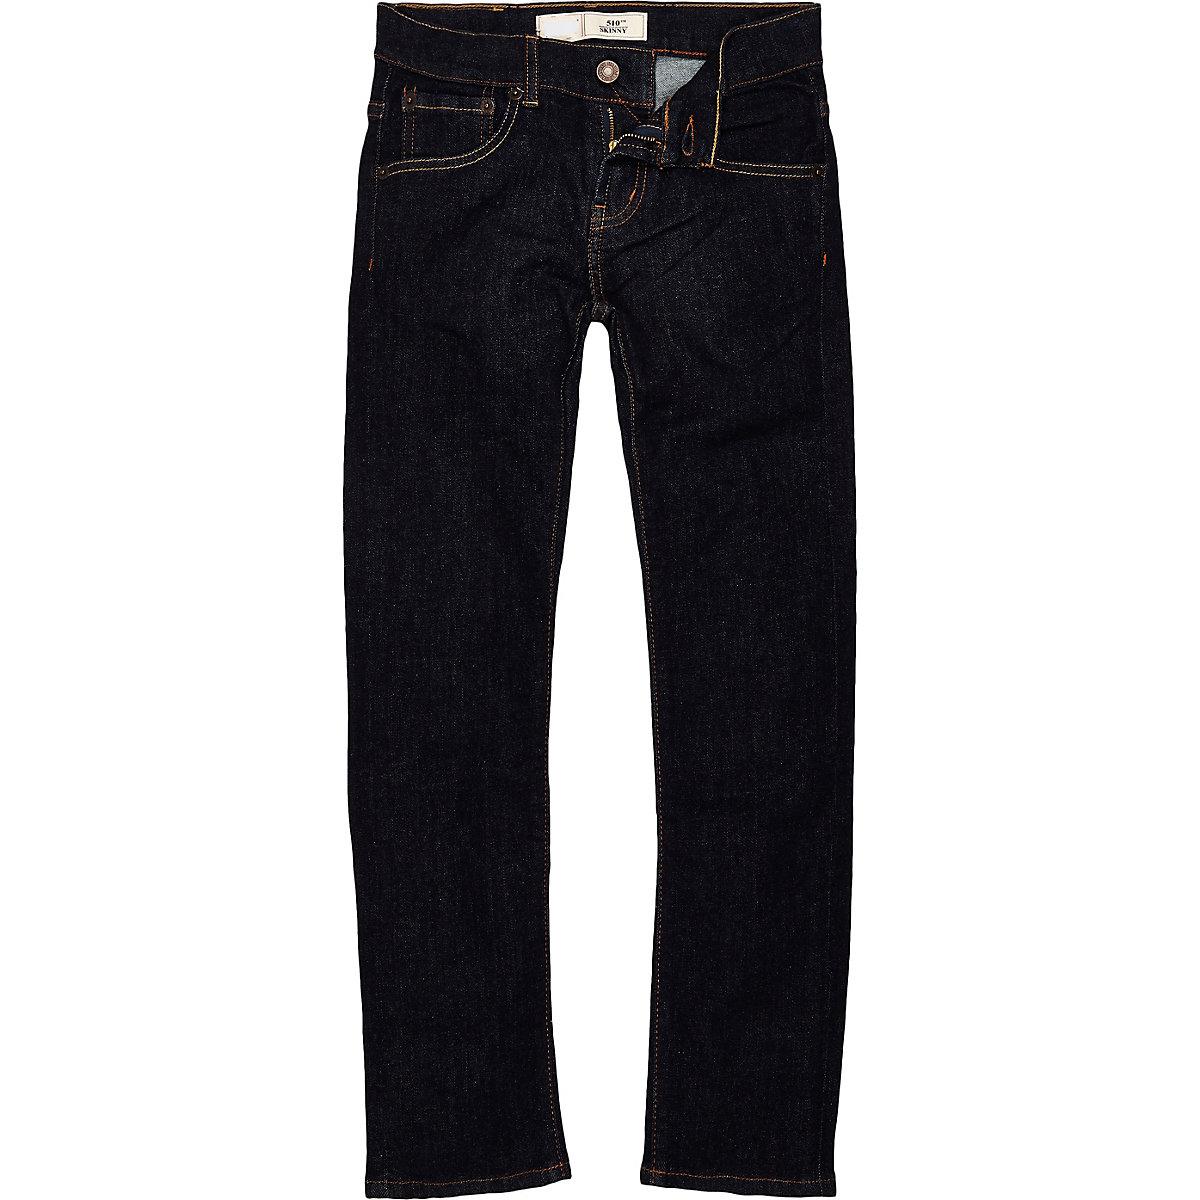 Boys Levi's black skinny denim jeans